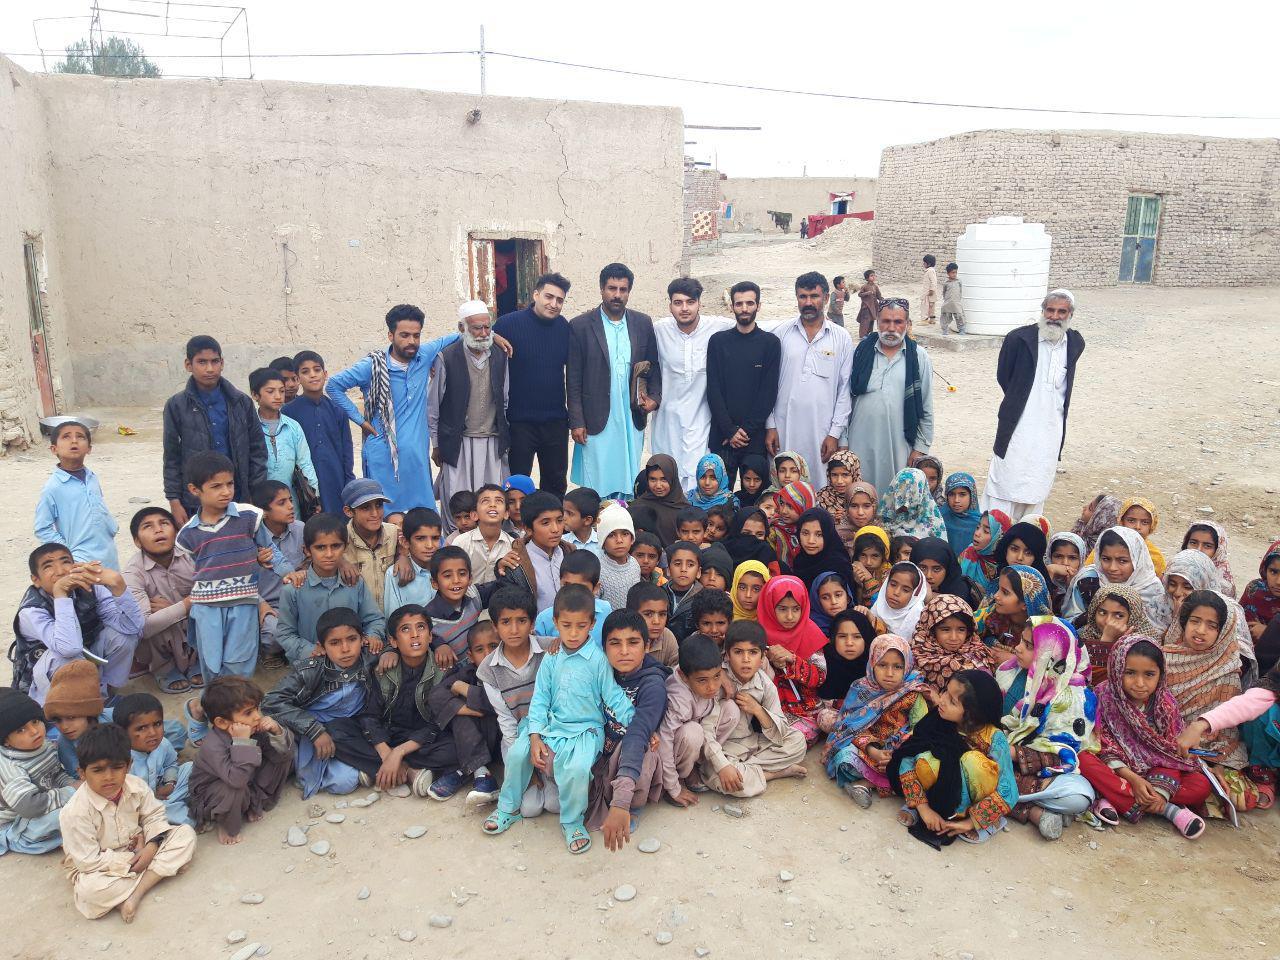 ارسال 8 کامیون کمک از نجف آباد برای سیل زدگان سیستان ارسال 8 کامیون کمک از نجف آباد برای سیل زدگان سیستان ارسال 8 کامیون کمک از نجف آباد برای سیل زدگان سیستان photo